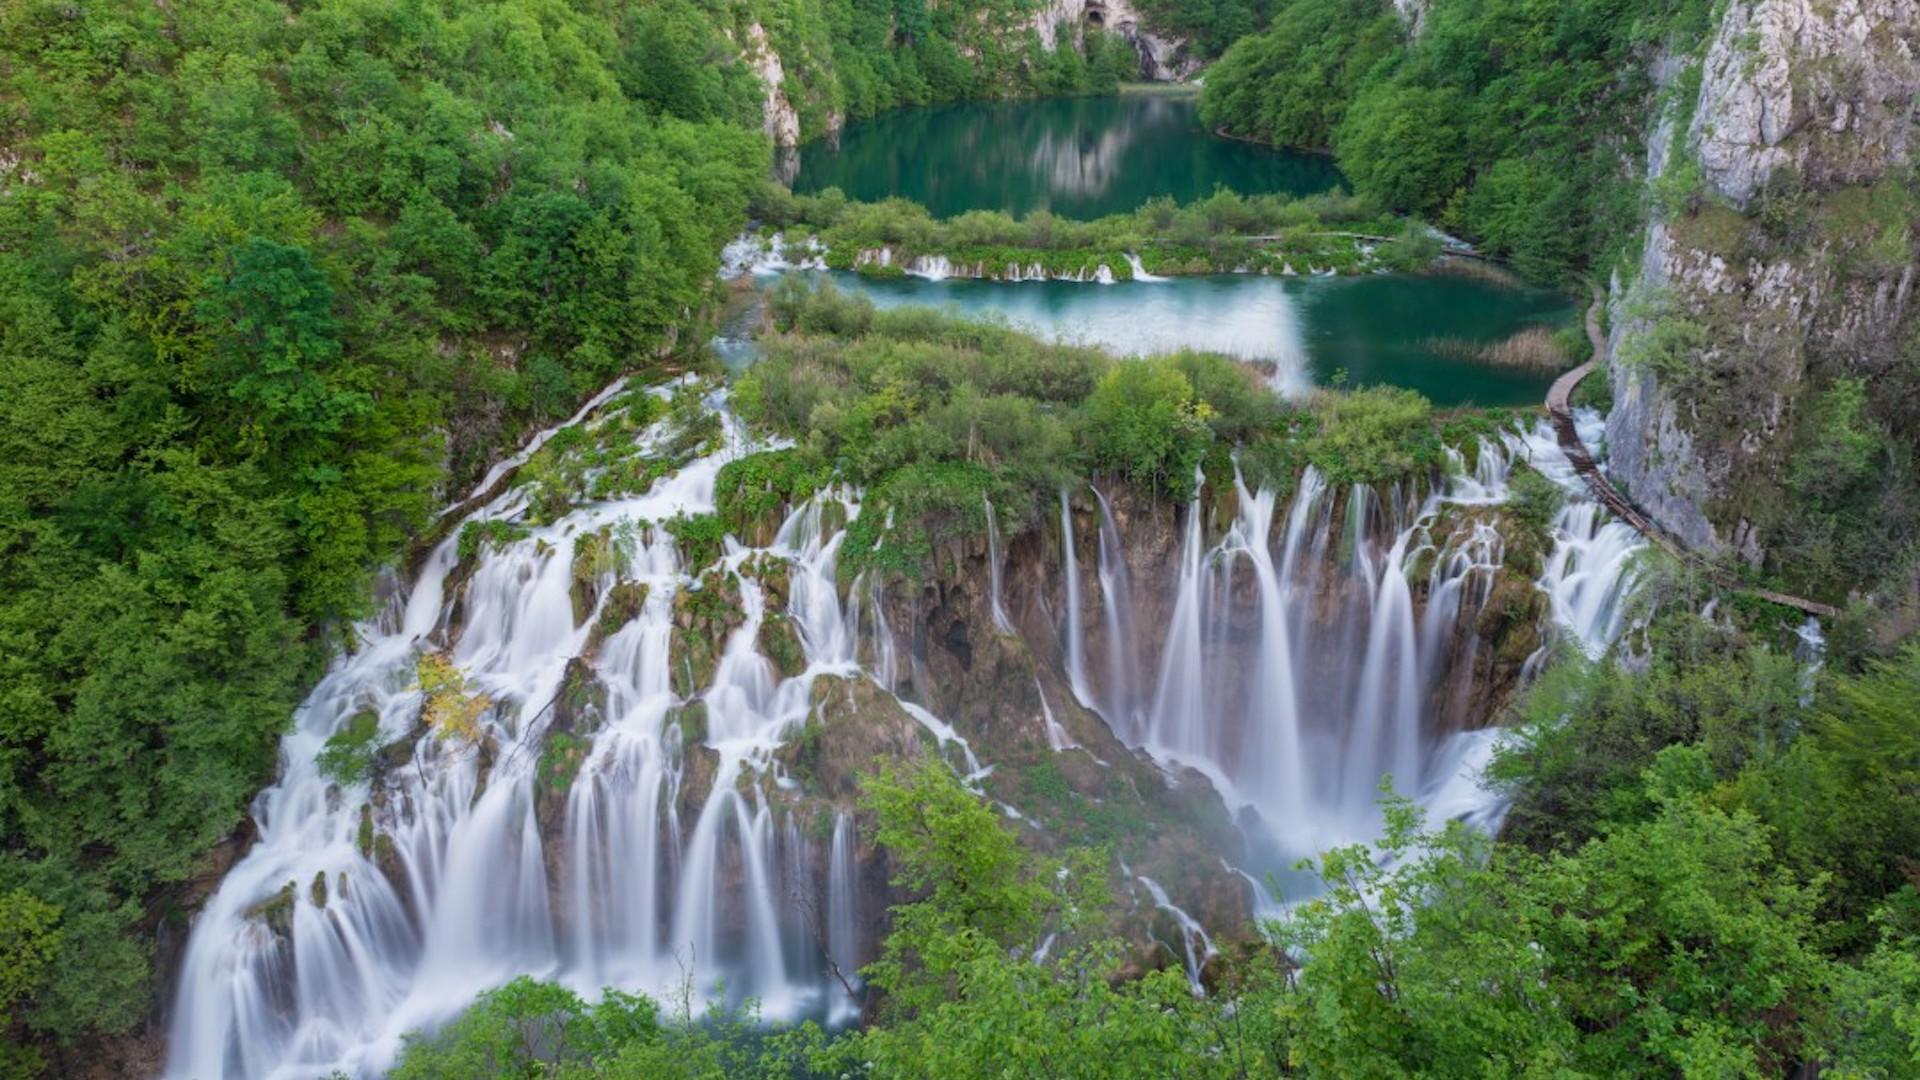 ¿Cuáles son los requisitos para viajar a Croacia y hacer turismo?